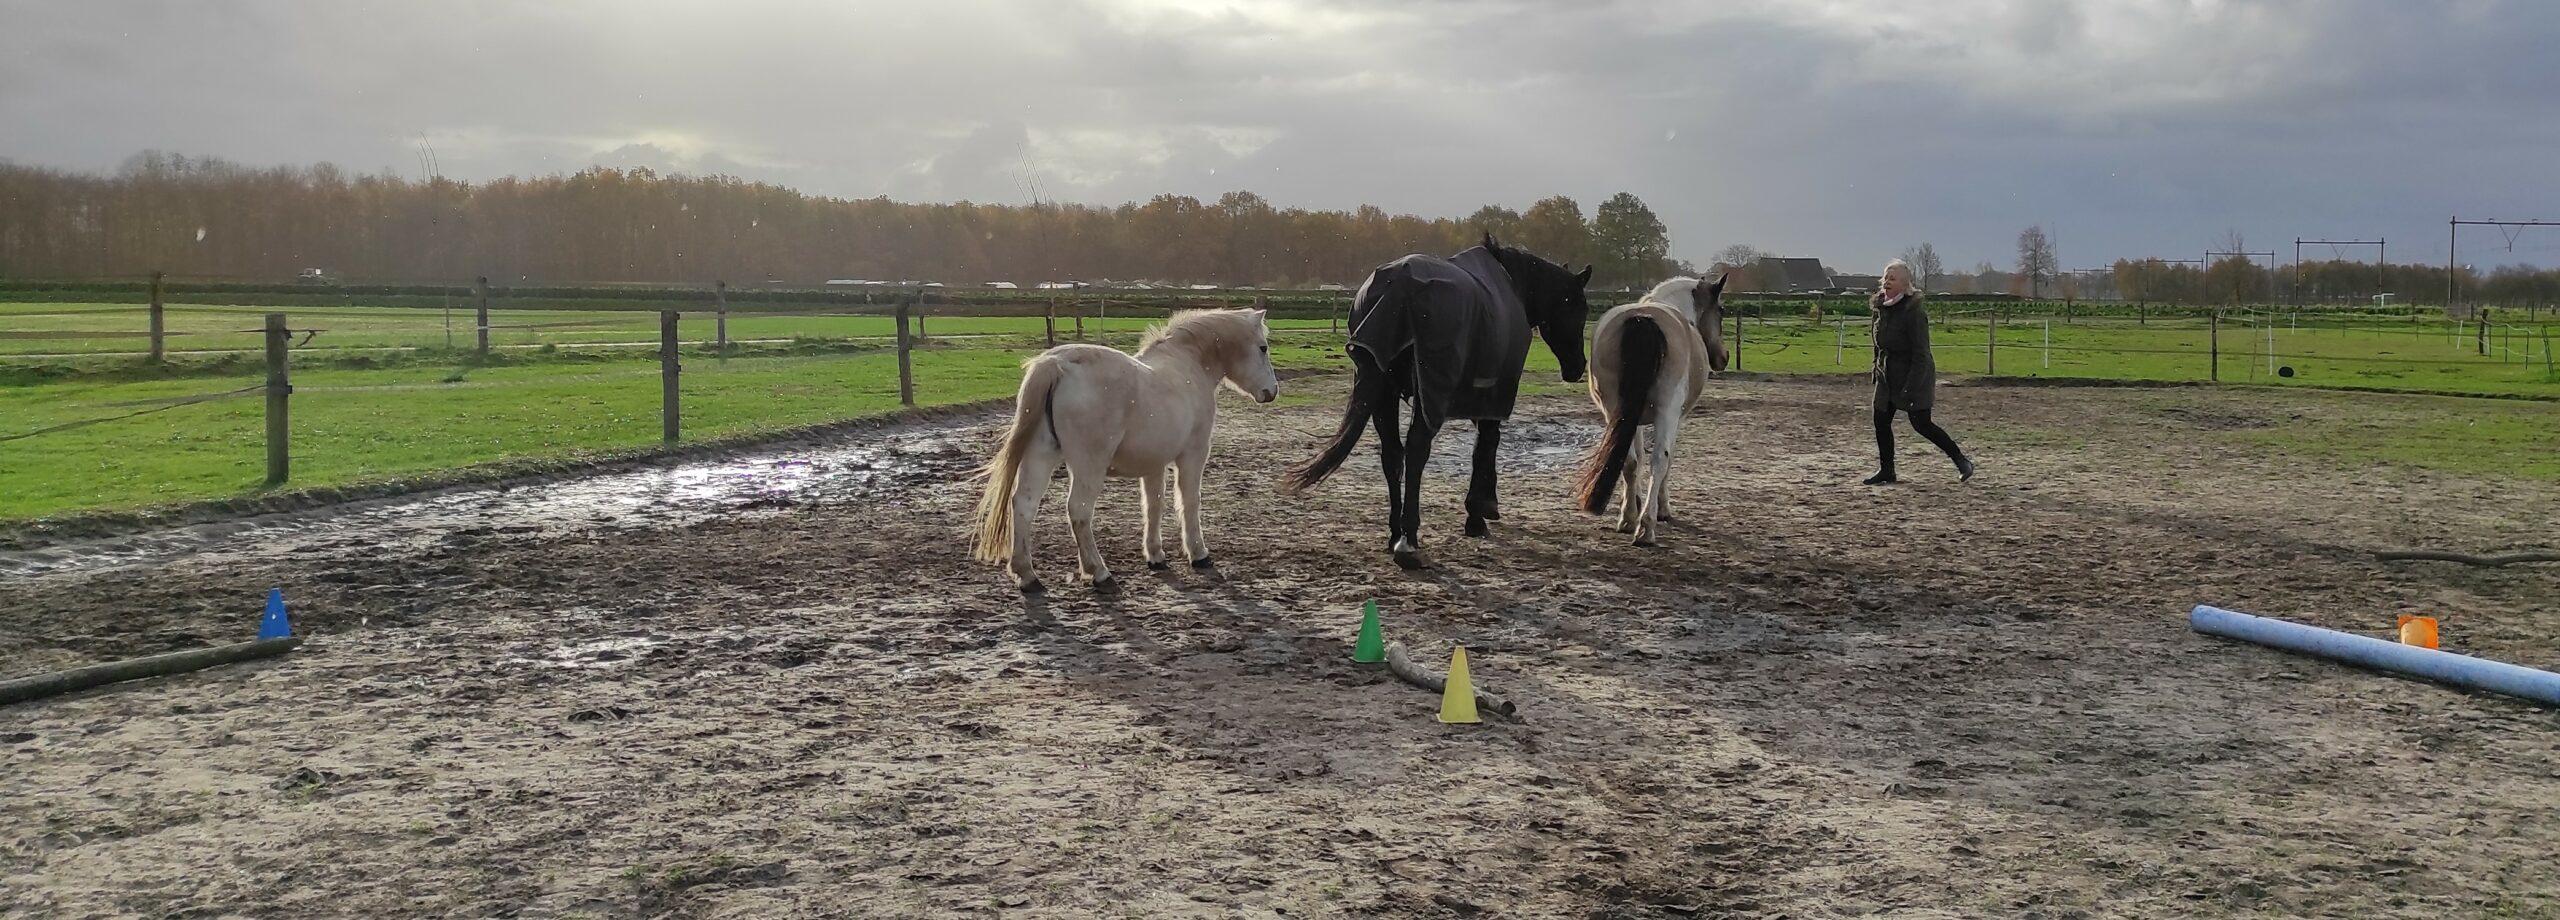 de paarden van inzicht door ervaring